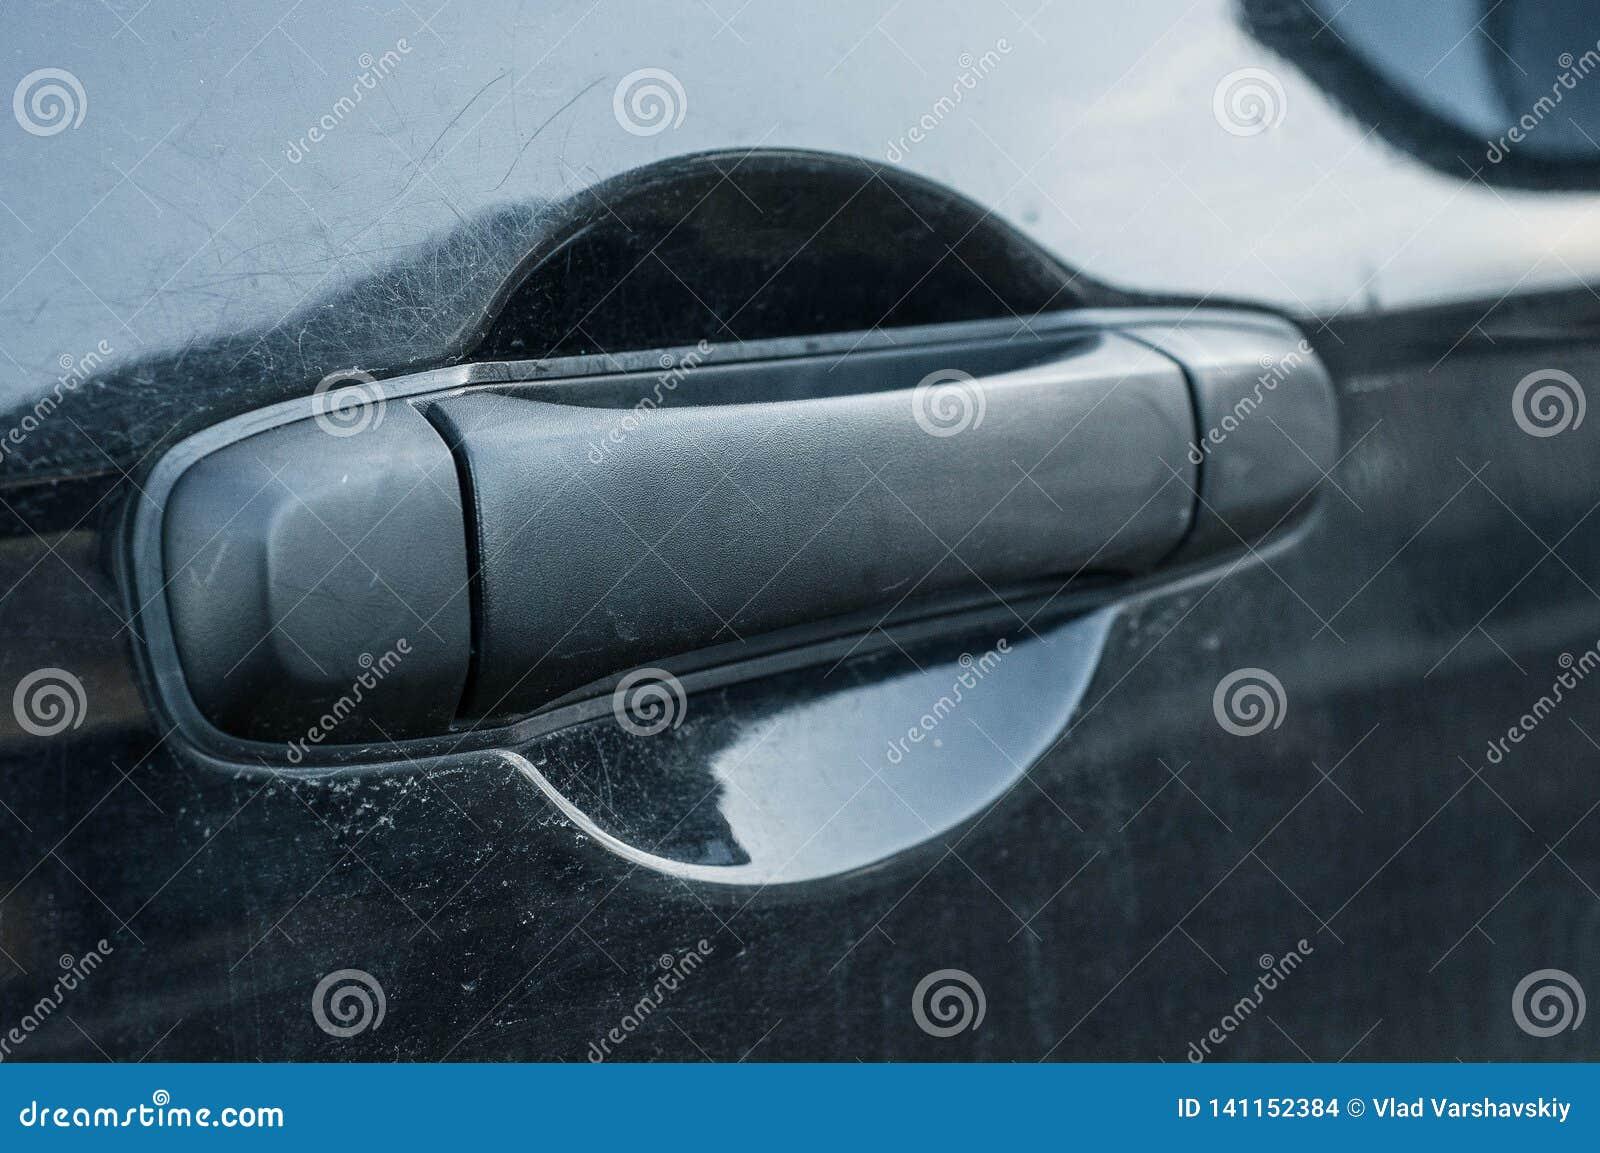 Важные компоненты частей автомобиля